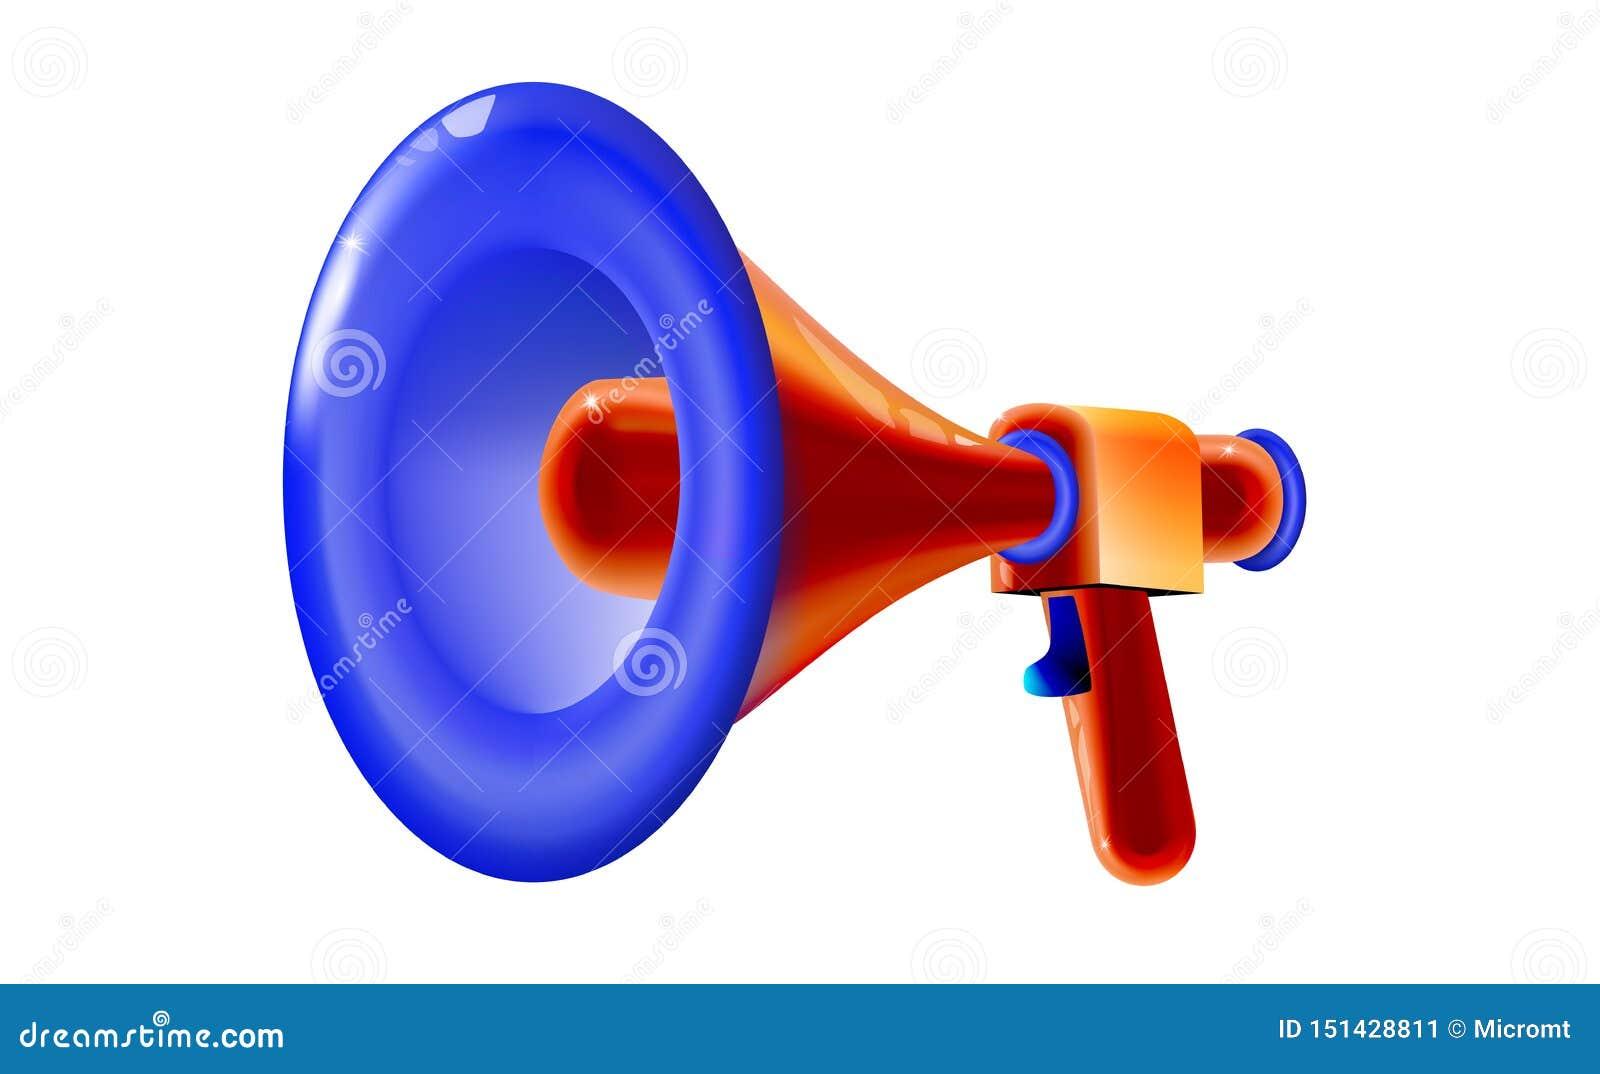 Brinquedo plástico do megafone multicolorido lustroso retro vermelho projeto do divertimento dos desenhos animados 3D, anunciando